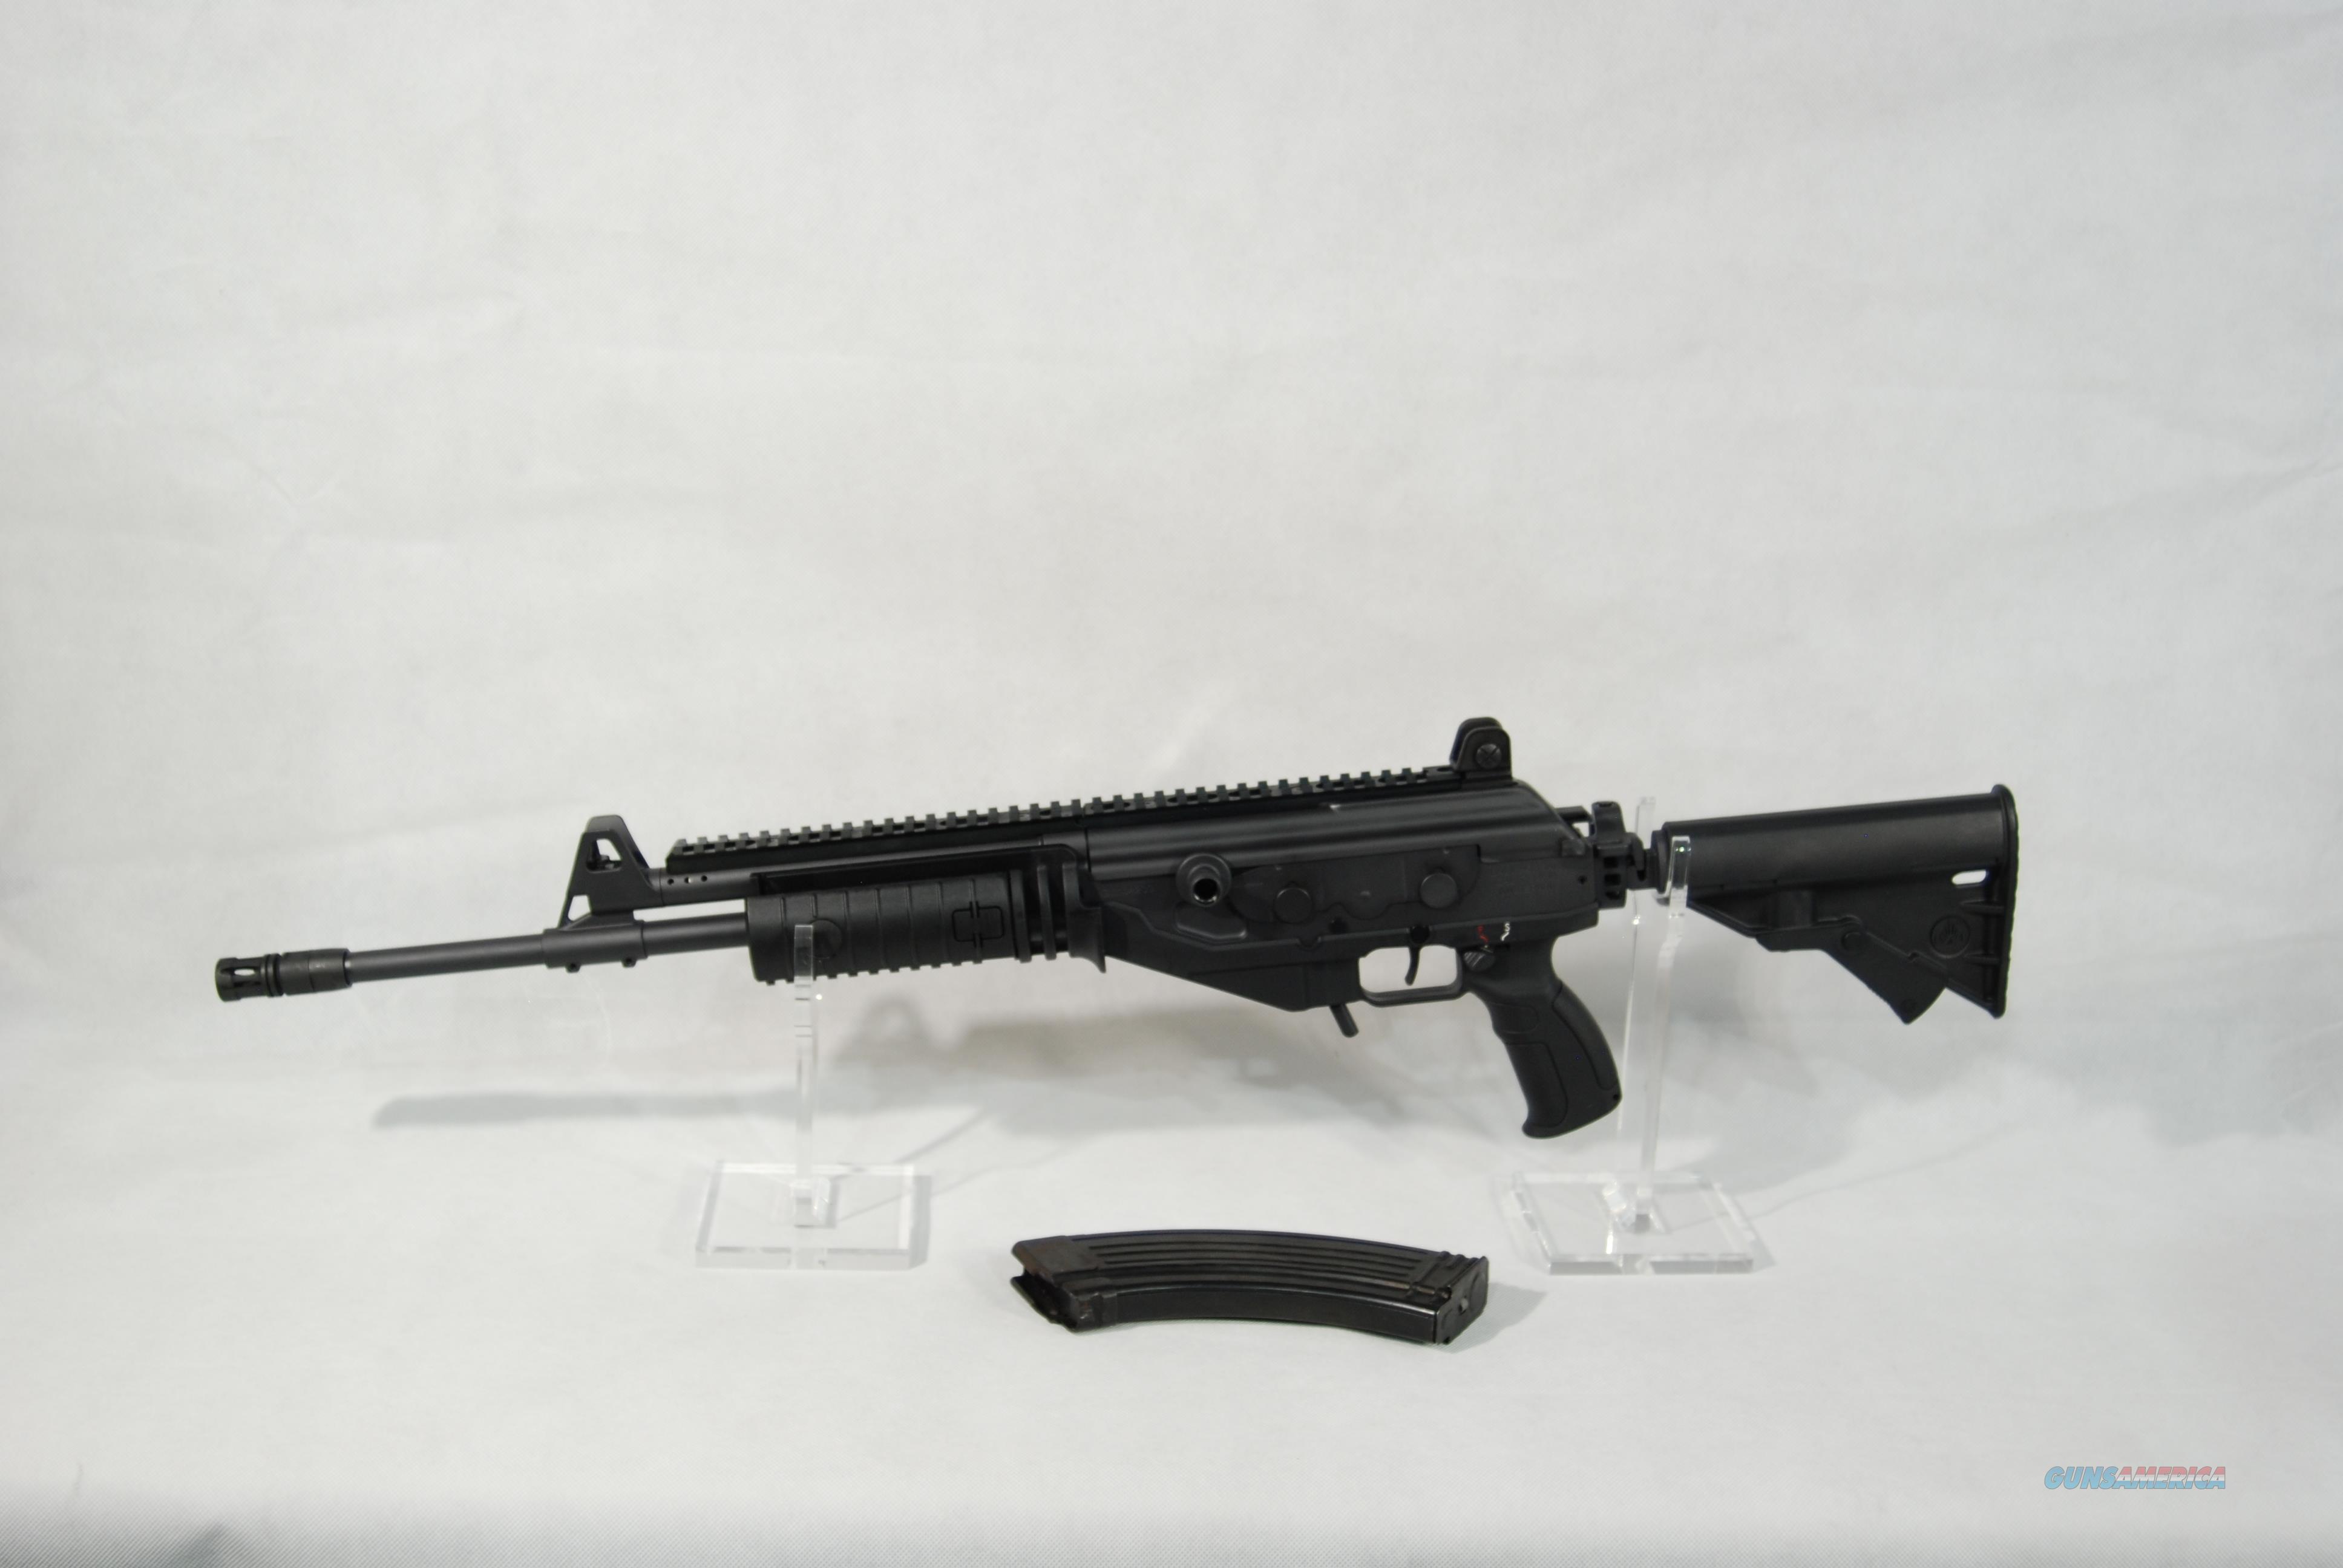 IWI Galil ACE 7.63x39 Rifle  Guns > Rifles > IWI Rifles